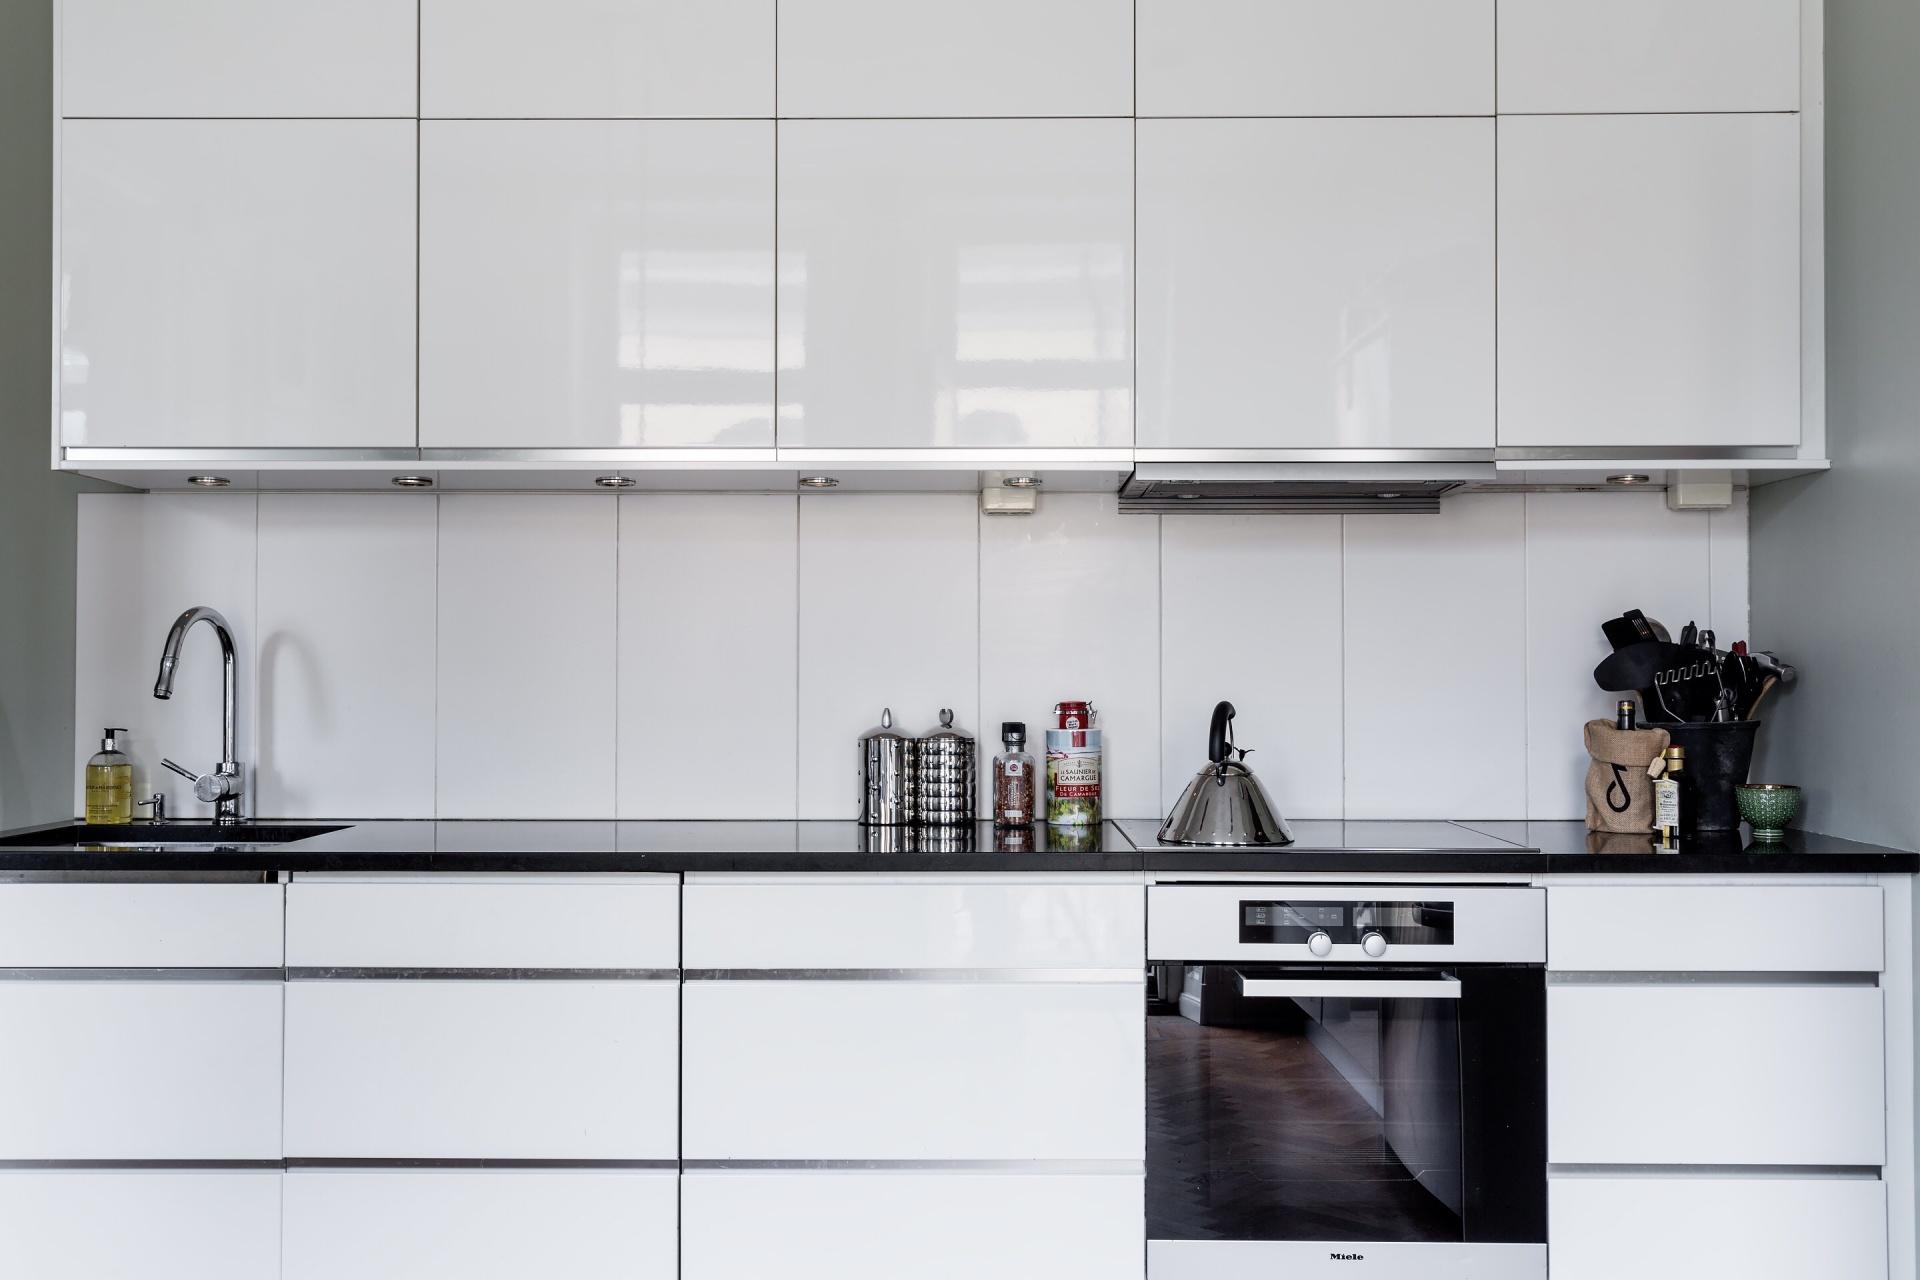 белая кухня, темная столешница плита встроенная вытяжка